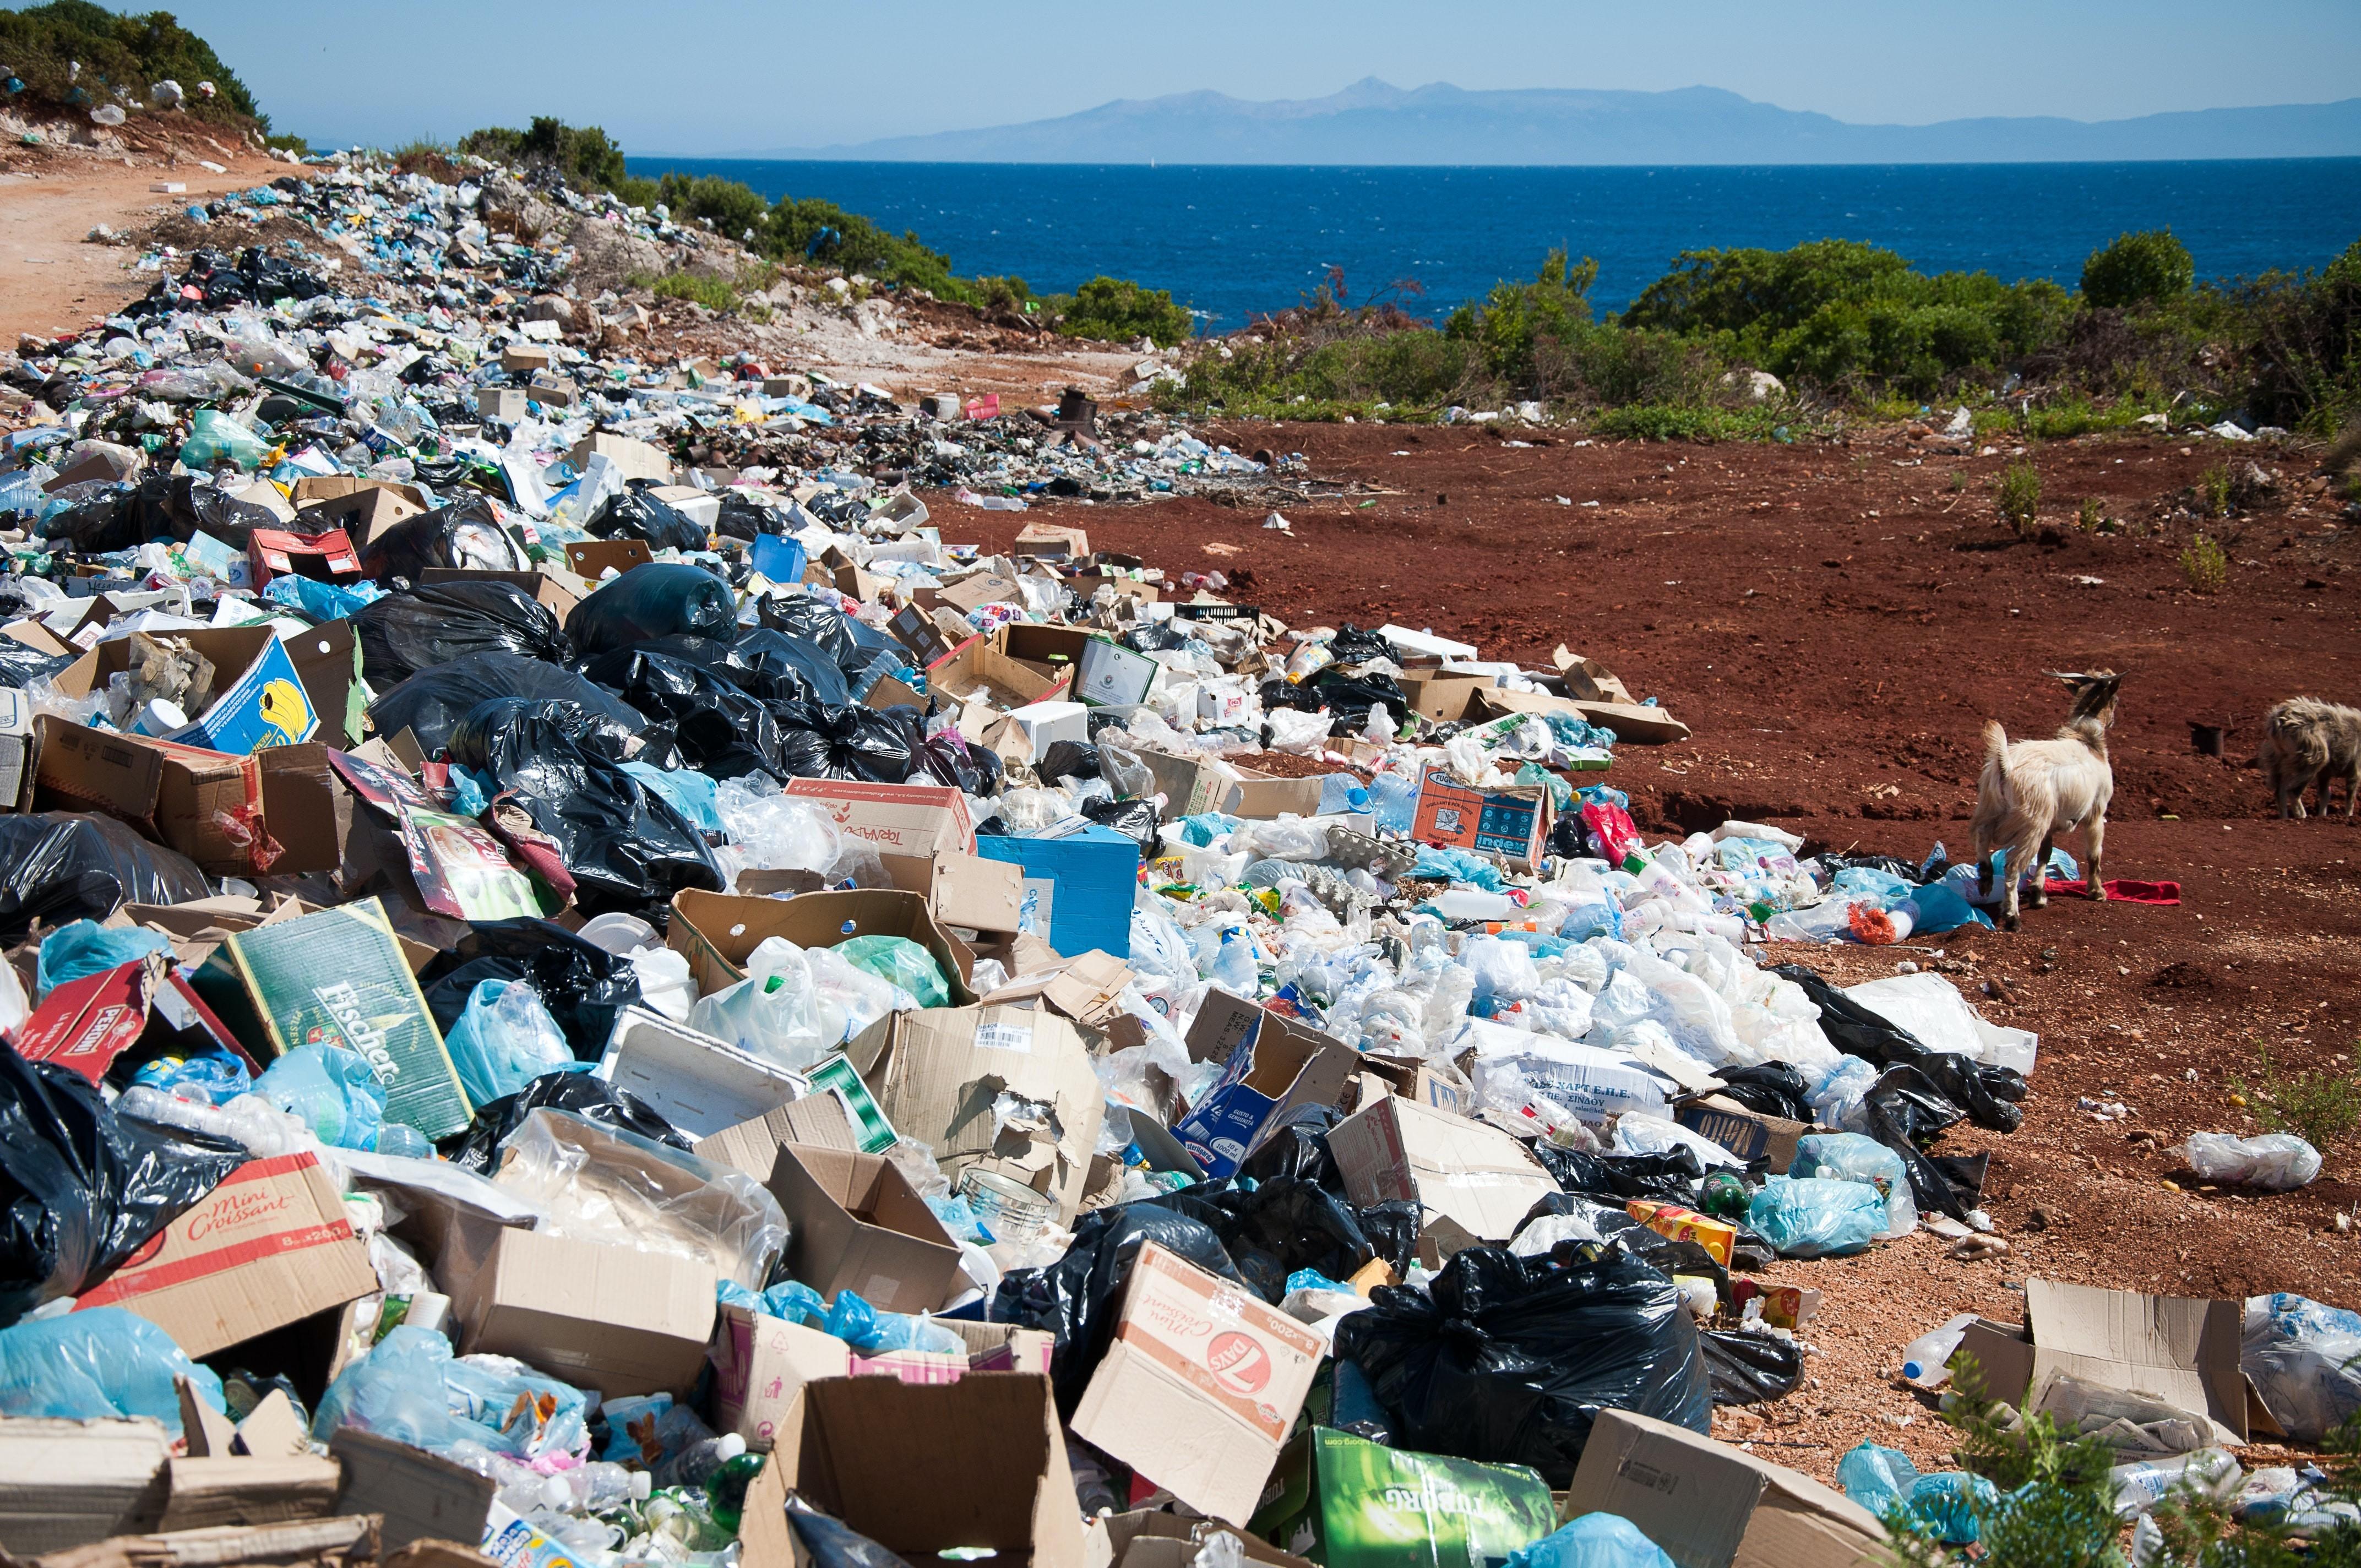 O Brasil é hoje o quarto maior produtor de lixo plástico, segundo um estudo da World Wildlife Fund (WWF): são 11,3 toneladas por ano, das quais somente 1,28% são recicladas.  (Foto: Antoine GIRET/Unsplash)